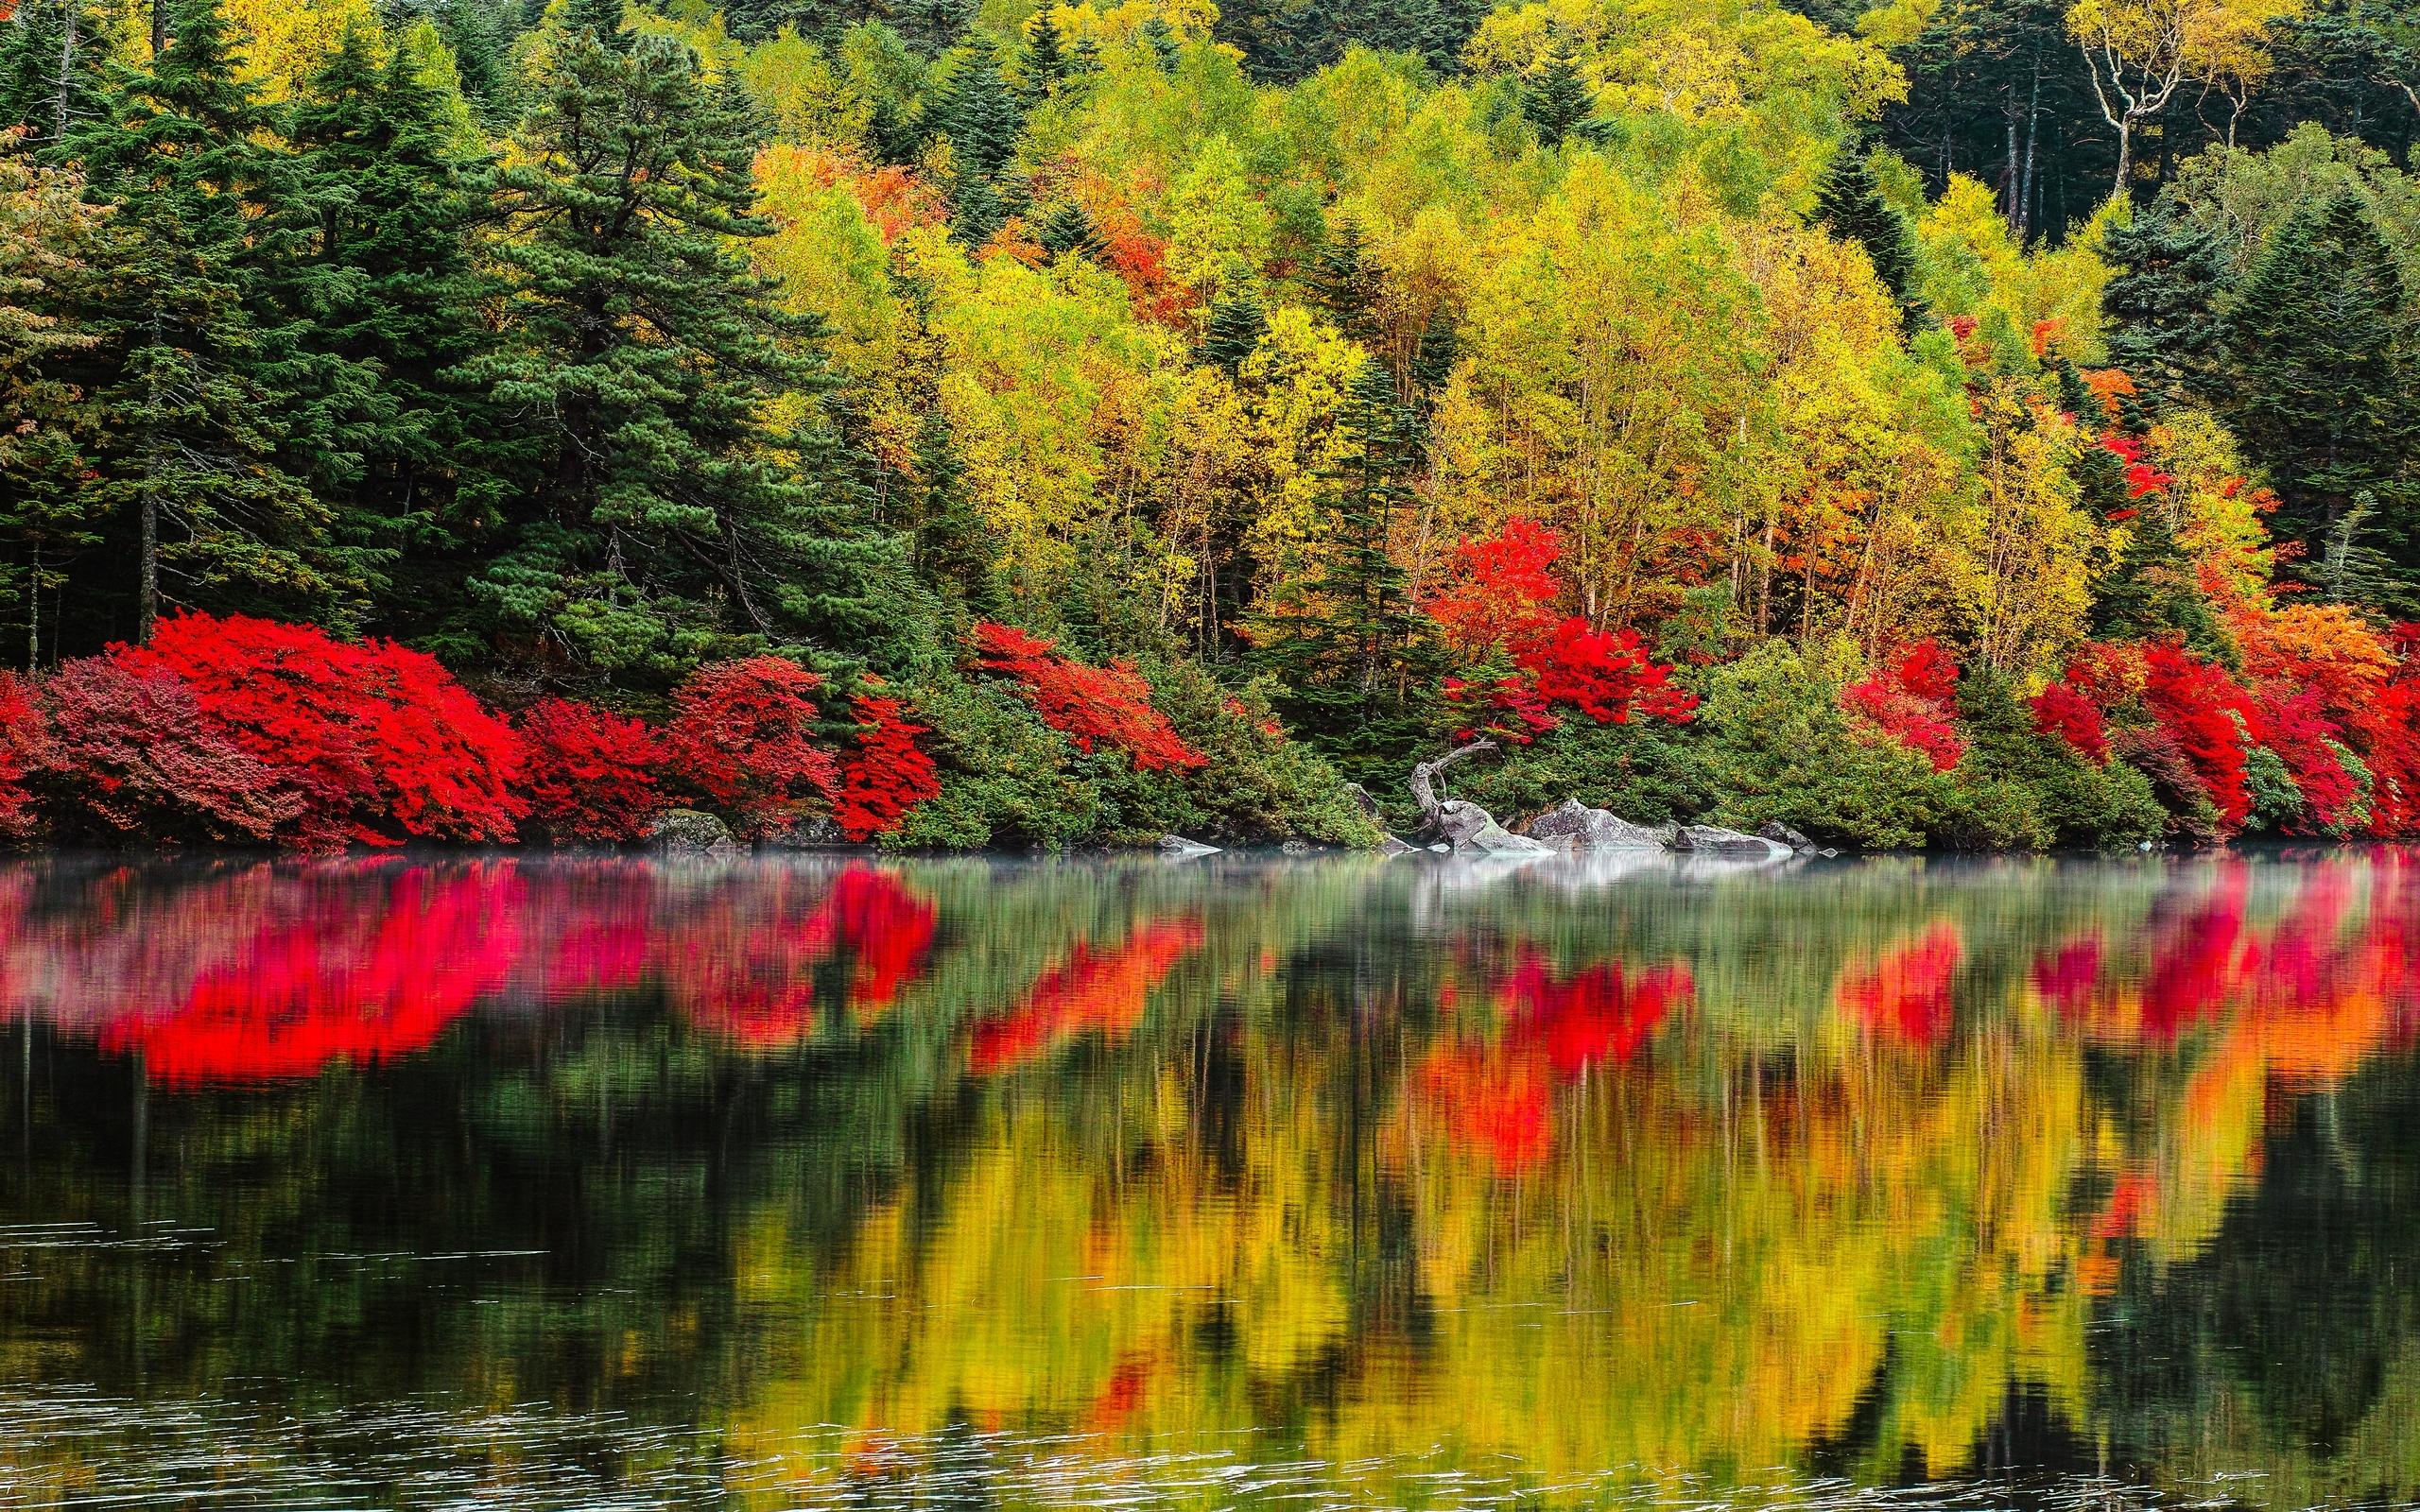 осенний лес у озера  № 254877 загрузить